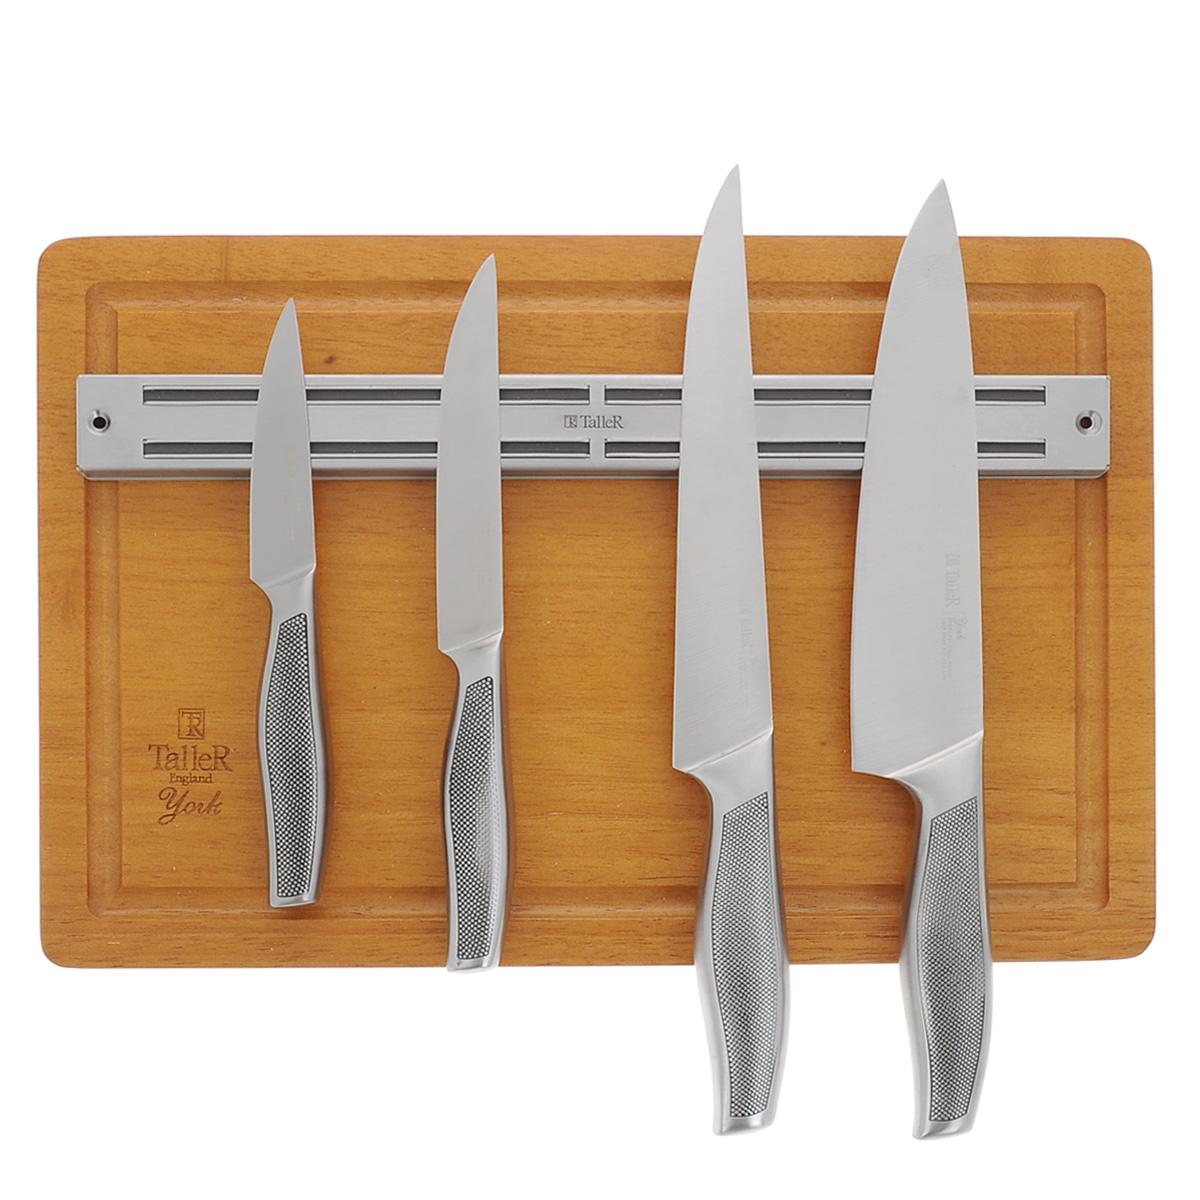 """Набор Taller """"Йорк"""" состоит из 4 ножей (нож поварской, нож для нарезки, нож универсальный и нож для  чистки), магнитной планки и разделочной доски. Ножи выполнены из коррозионной стали 420S45. Данная сталь  устойчива к коррозии, отличается прочностью и отсутствием вредных соединений при контакте с продуктами.  Режущая кромка лезвий устойчива к притуплению. Ножи отлично сбалансированы и удобно ложатся в руку.   В наборе 4 ножа:  - Поварской нож. Имеет тяжелую ручку, толстое, широкое и длинное лезвие с центрированным острием. Все  это позволяет рубить овощи, зелень, резать мороженое мясо, рыбу и птицу.  - Нож для нарезки. Нож с длинным, нешироким, но достаточно толстым лезвием. Используется для нарезки  сырого и вареного мяса, разделки курицы, рыбы. Им легко нарезать арбуз, дыню.  - Нож универсальный. Многофункциональный нож, подходит для нарезки овощей, фруктов, колбасы, сыра,  масла. Применяется для приготовления бутербродов и канапе.  - Нож для чистки. Нож с коротким прямым лезвием, им удобно снимать кожуру с любого фрукта или овоща.  В комплекте также имеется магнитная планка, которая позволит удобно и безопасно хранить ножи. Благодаря  магнитам, ножи надежно держатся на планке. Прямоугольная разделочная доска изготовлена из каучукового  дерева и оснащена желобками по краю для стока жидкости.  В наборе есть все необходимое для ежедневной нарезки любых продуктов.  Рекомендуется ручная мойка.  Длина лезвия поварского ножа: 20,5 см.  Общая длина поварского ножа: 33 см.  Длина лезвия ножа для нарезки: 21 см.  Общая длина ножа для нарезки: 33 см.  Длина лезвия универсального ножа: 14 см.  Общая длина универсального ножа: 25 см.  Длина лезвия ножа для чистки: 10 см.  Общая длина ножа для чистки: 21 см.  Размер магнитной планки: 34,5 см х 3,5 см.  Размер разделочной доски: 38 см х 26 см х 2 см."""